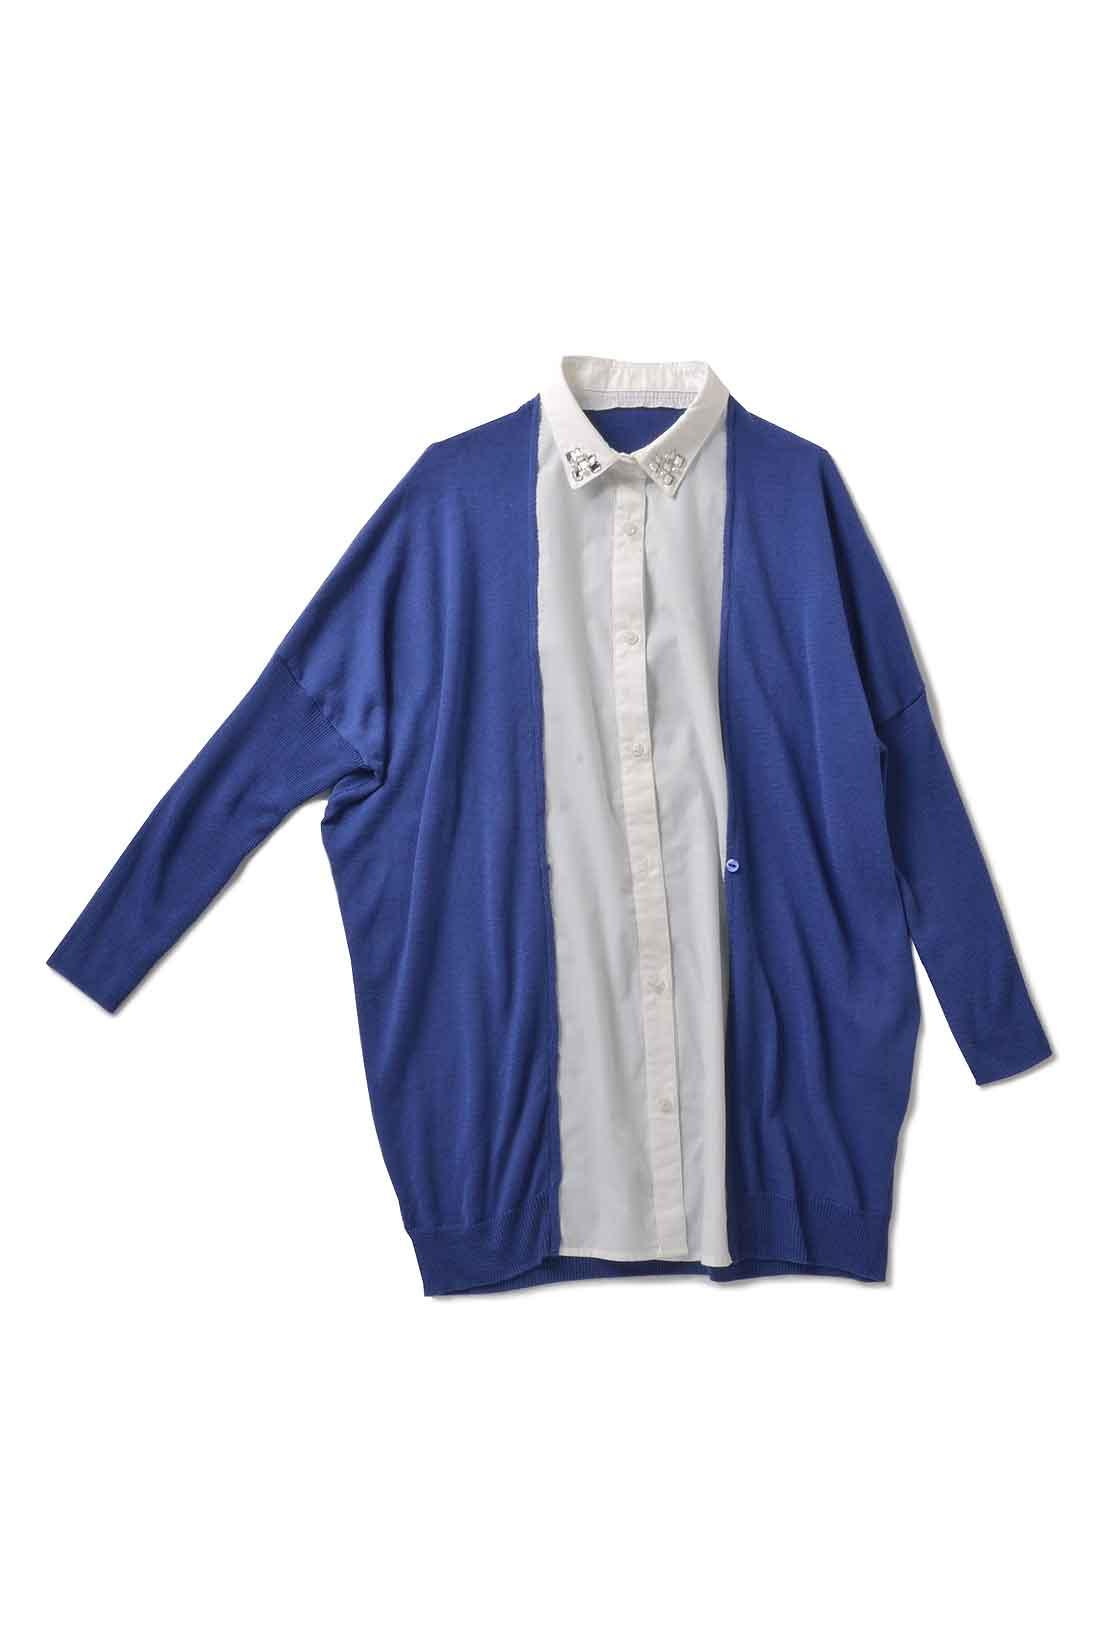 前身ごろでシャツとカーデがドッキング。ボタンの開け閉めでシルエットが変えられてオシャレ。